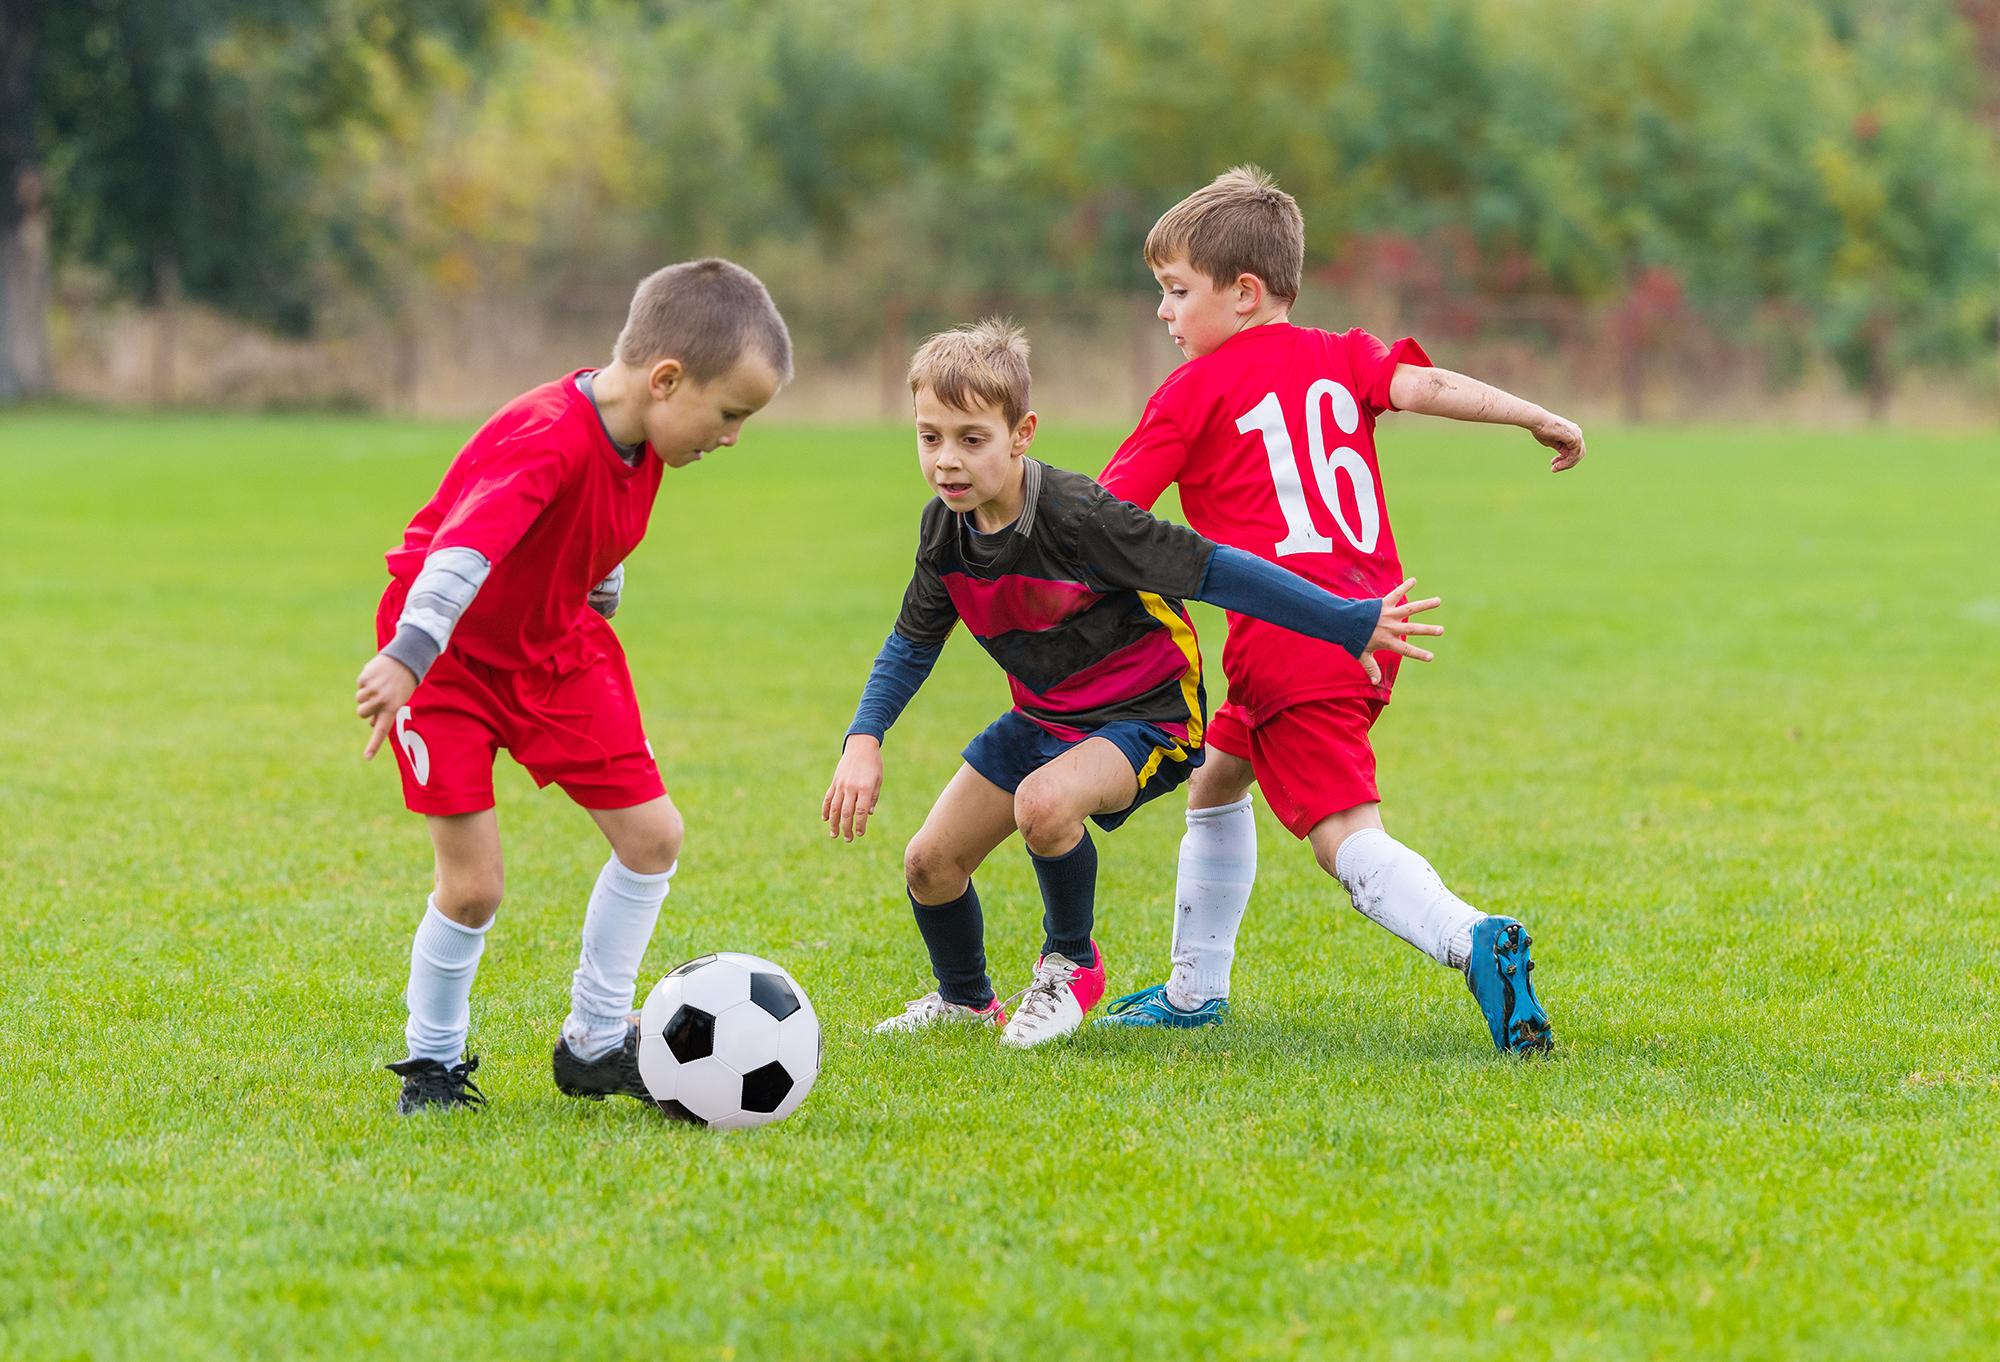 صور اطفال يلعبون كرة القدم